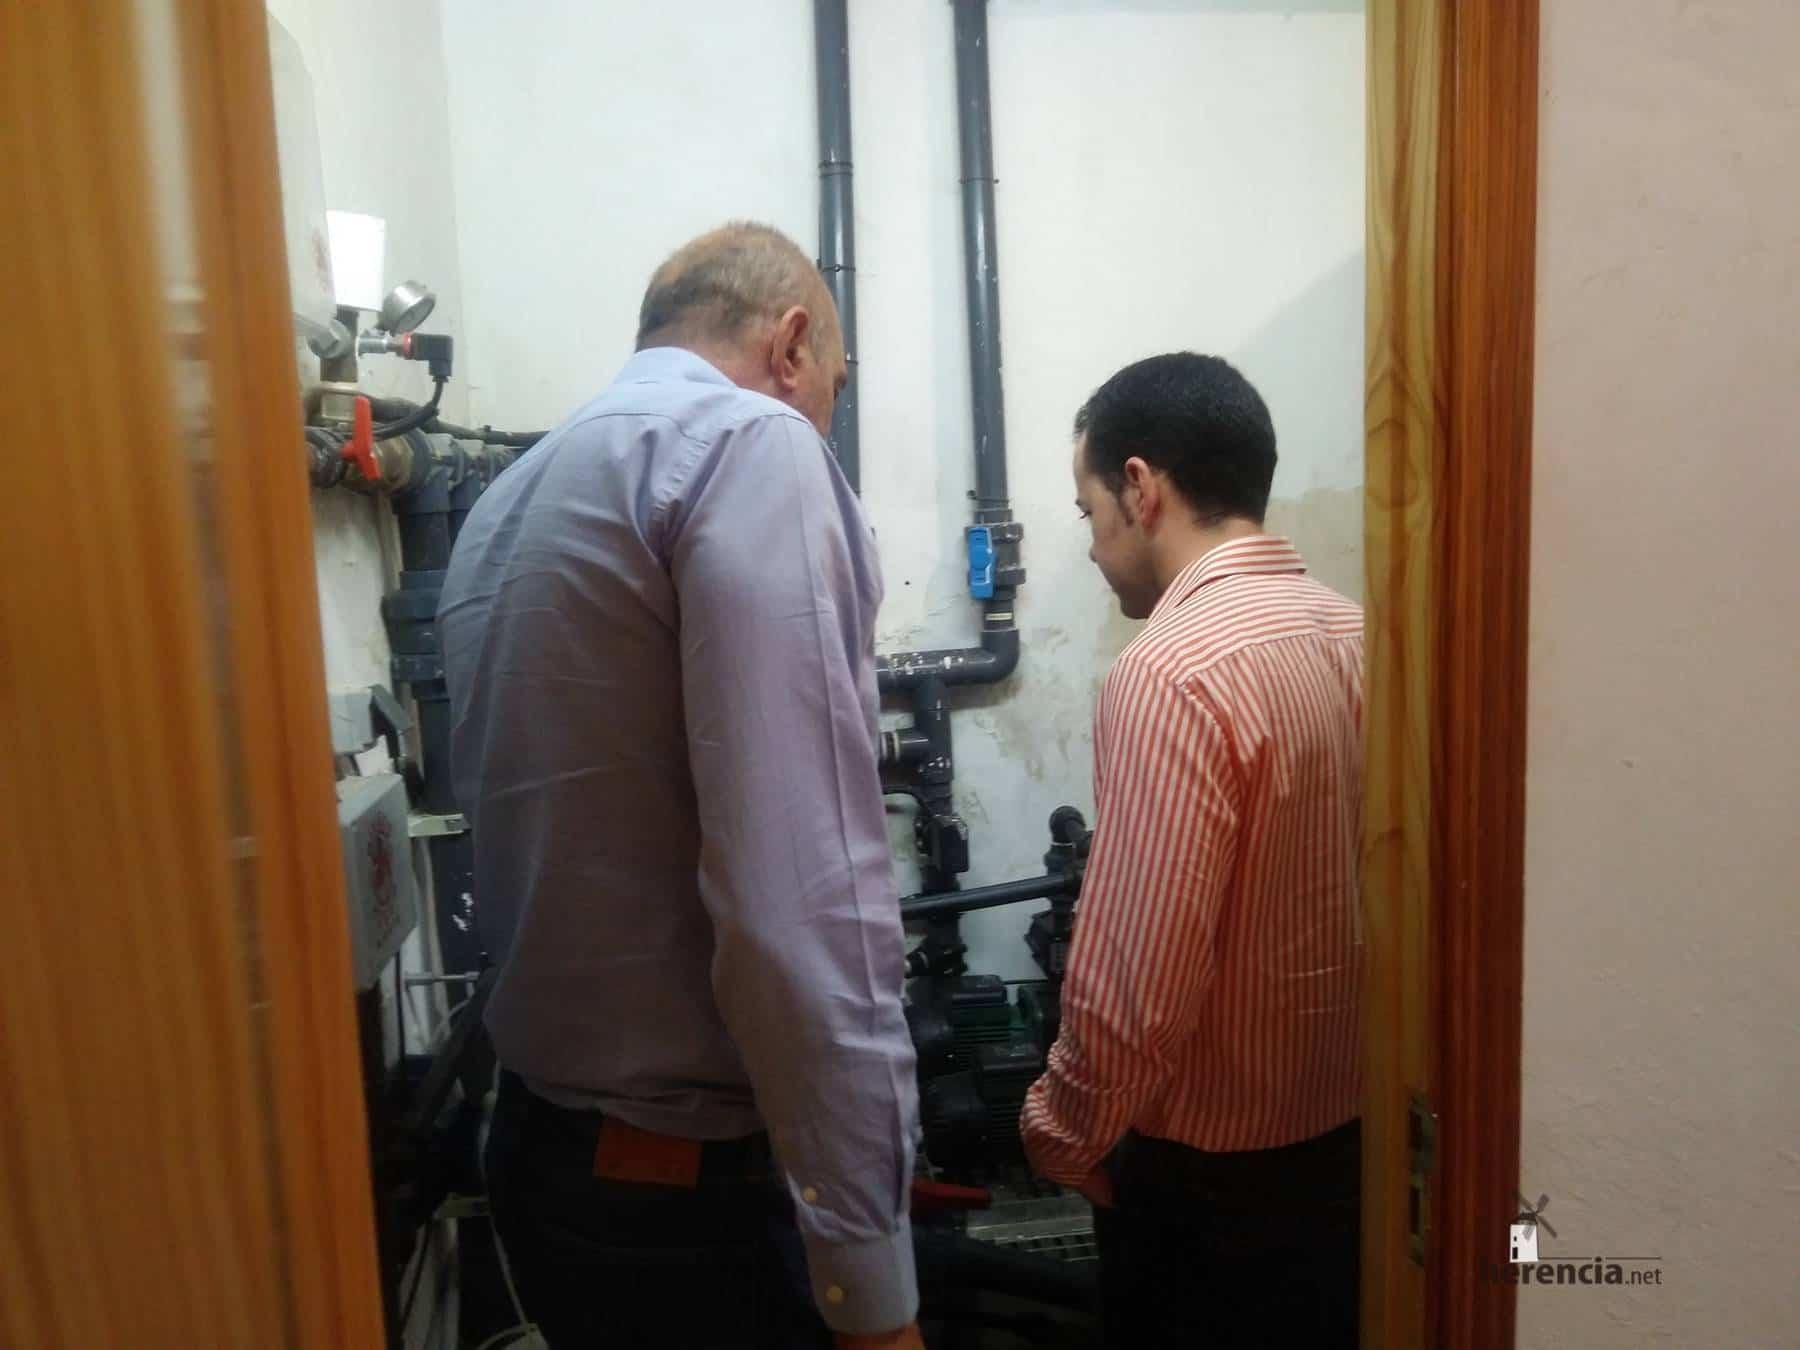 emaser herencia pedriza 3 - EMASER consiguen la eficiencia en la captación de La Pedriza mediante la ejecución de las mejoras